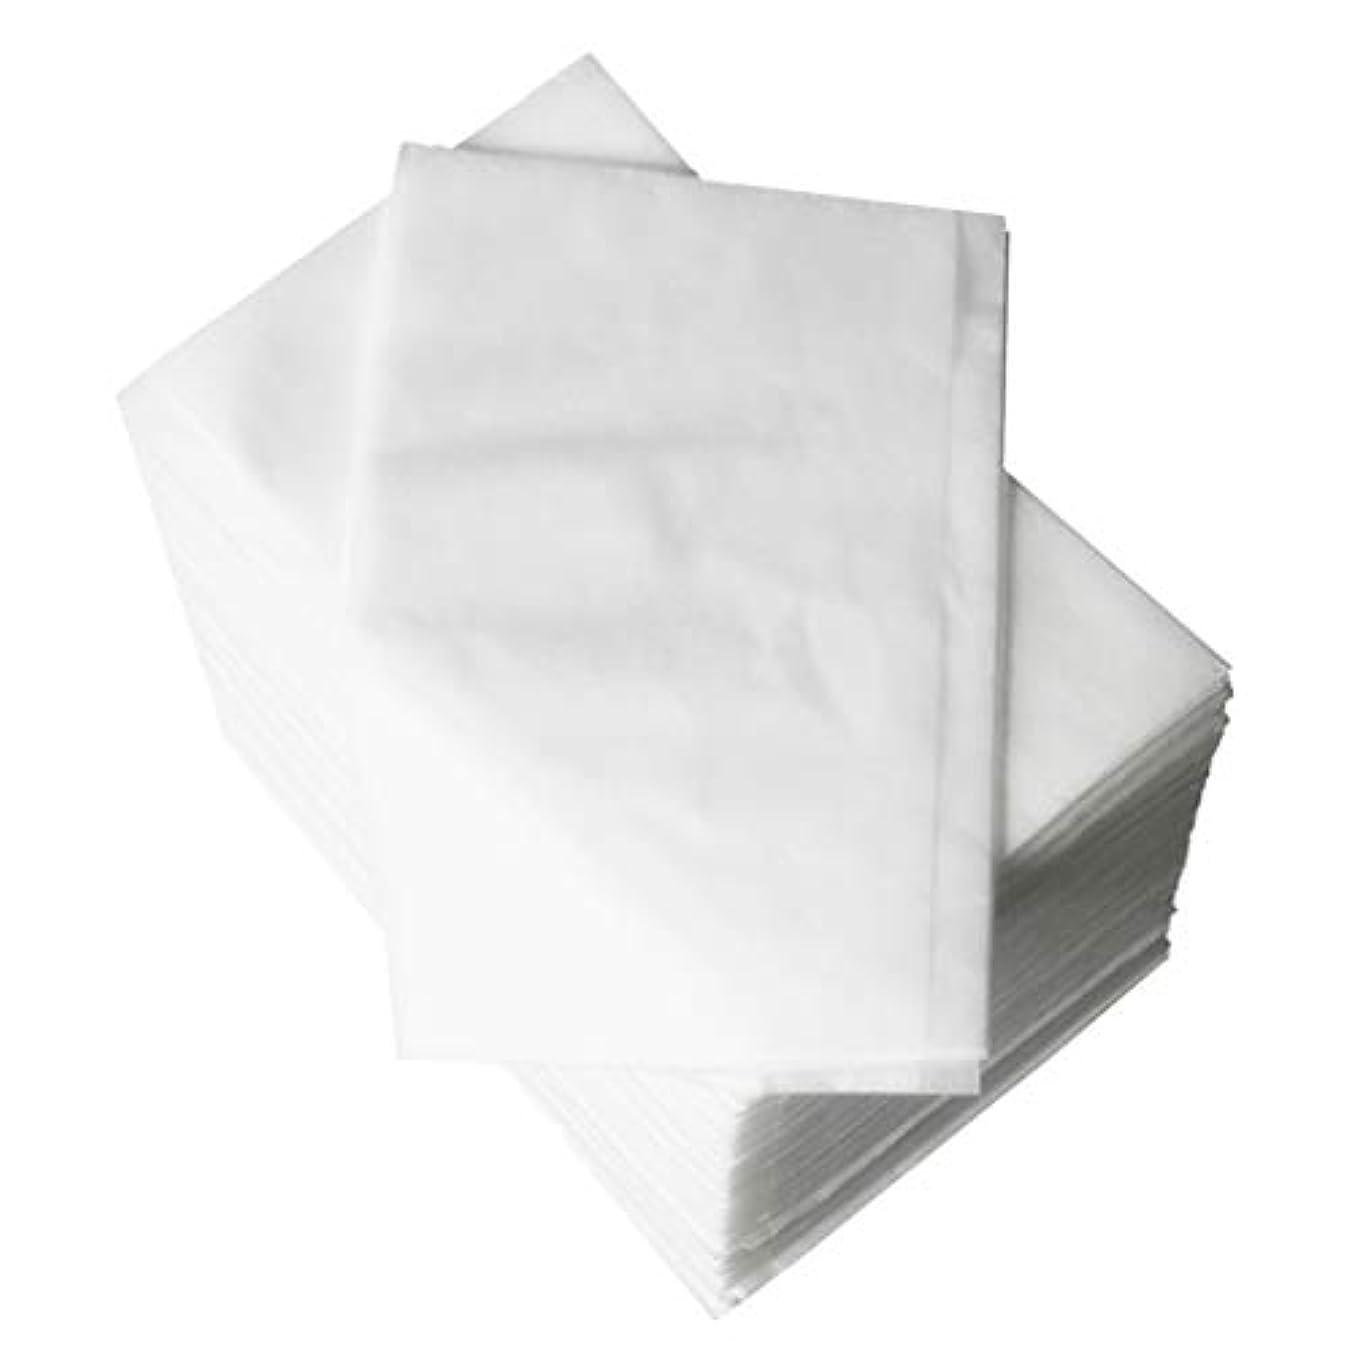 火山の植木バーゲンスパベッドカバー 使い捨て 耐久性 使い捨てベッドシーツ ブルー ホワイト - 白